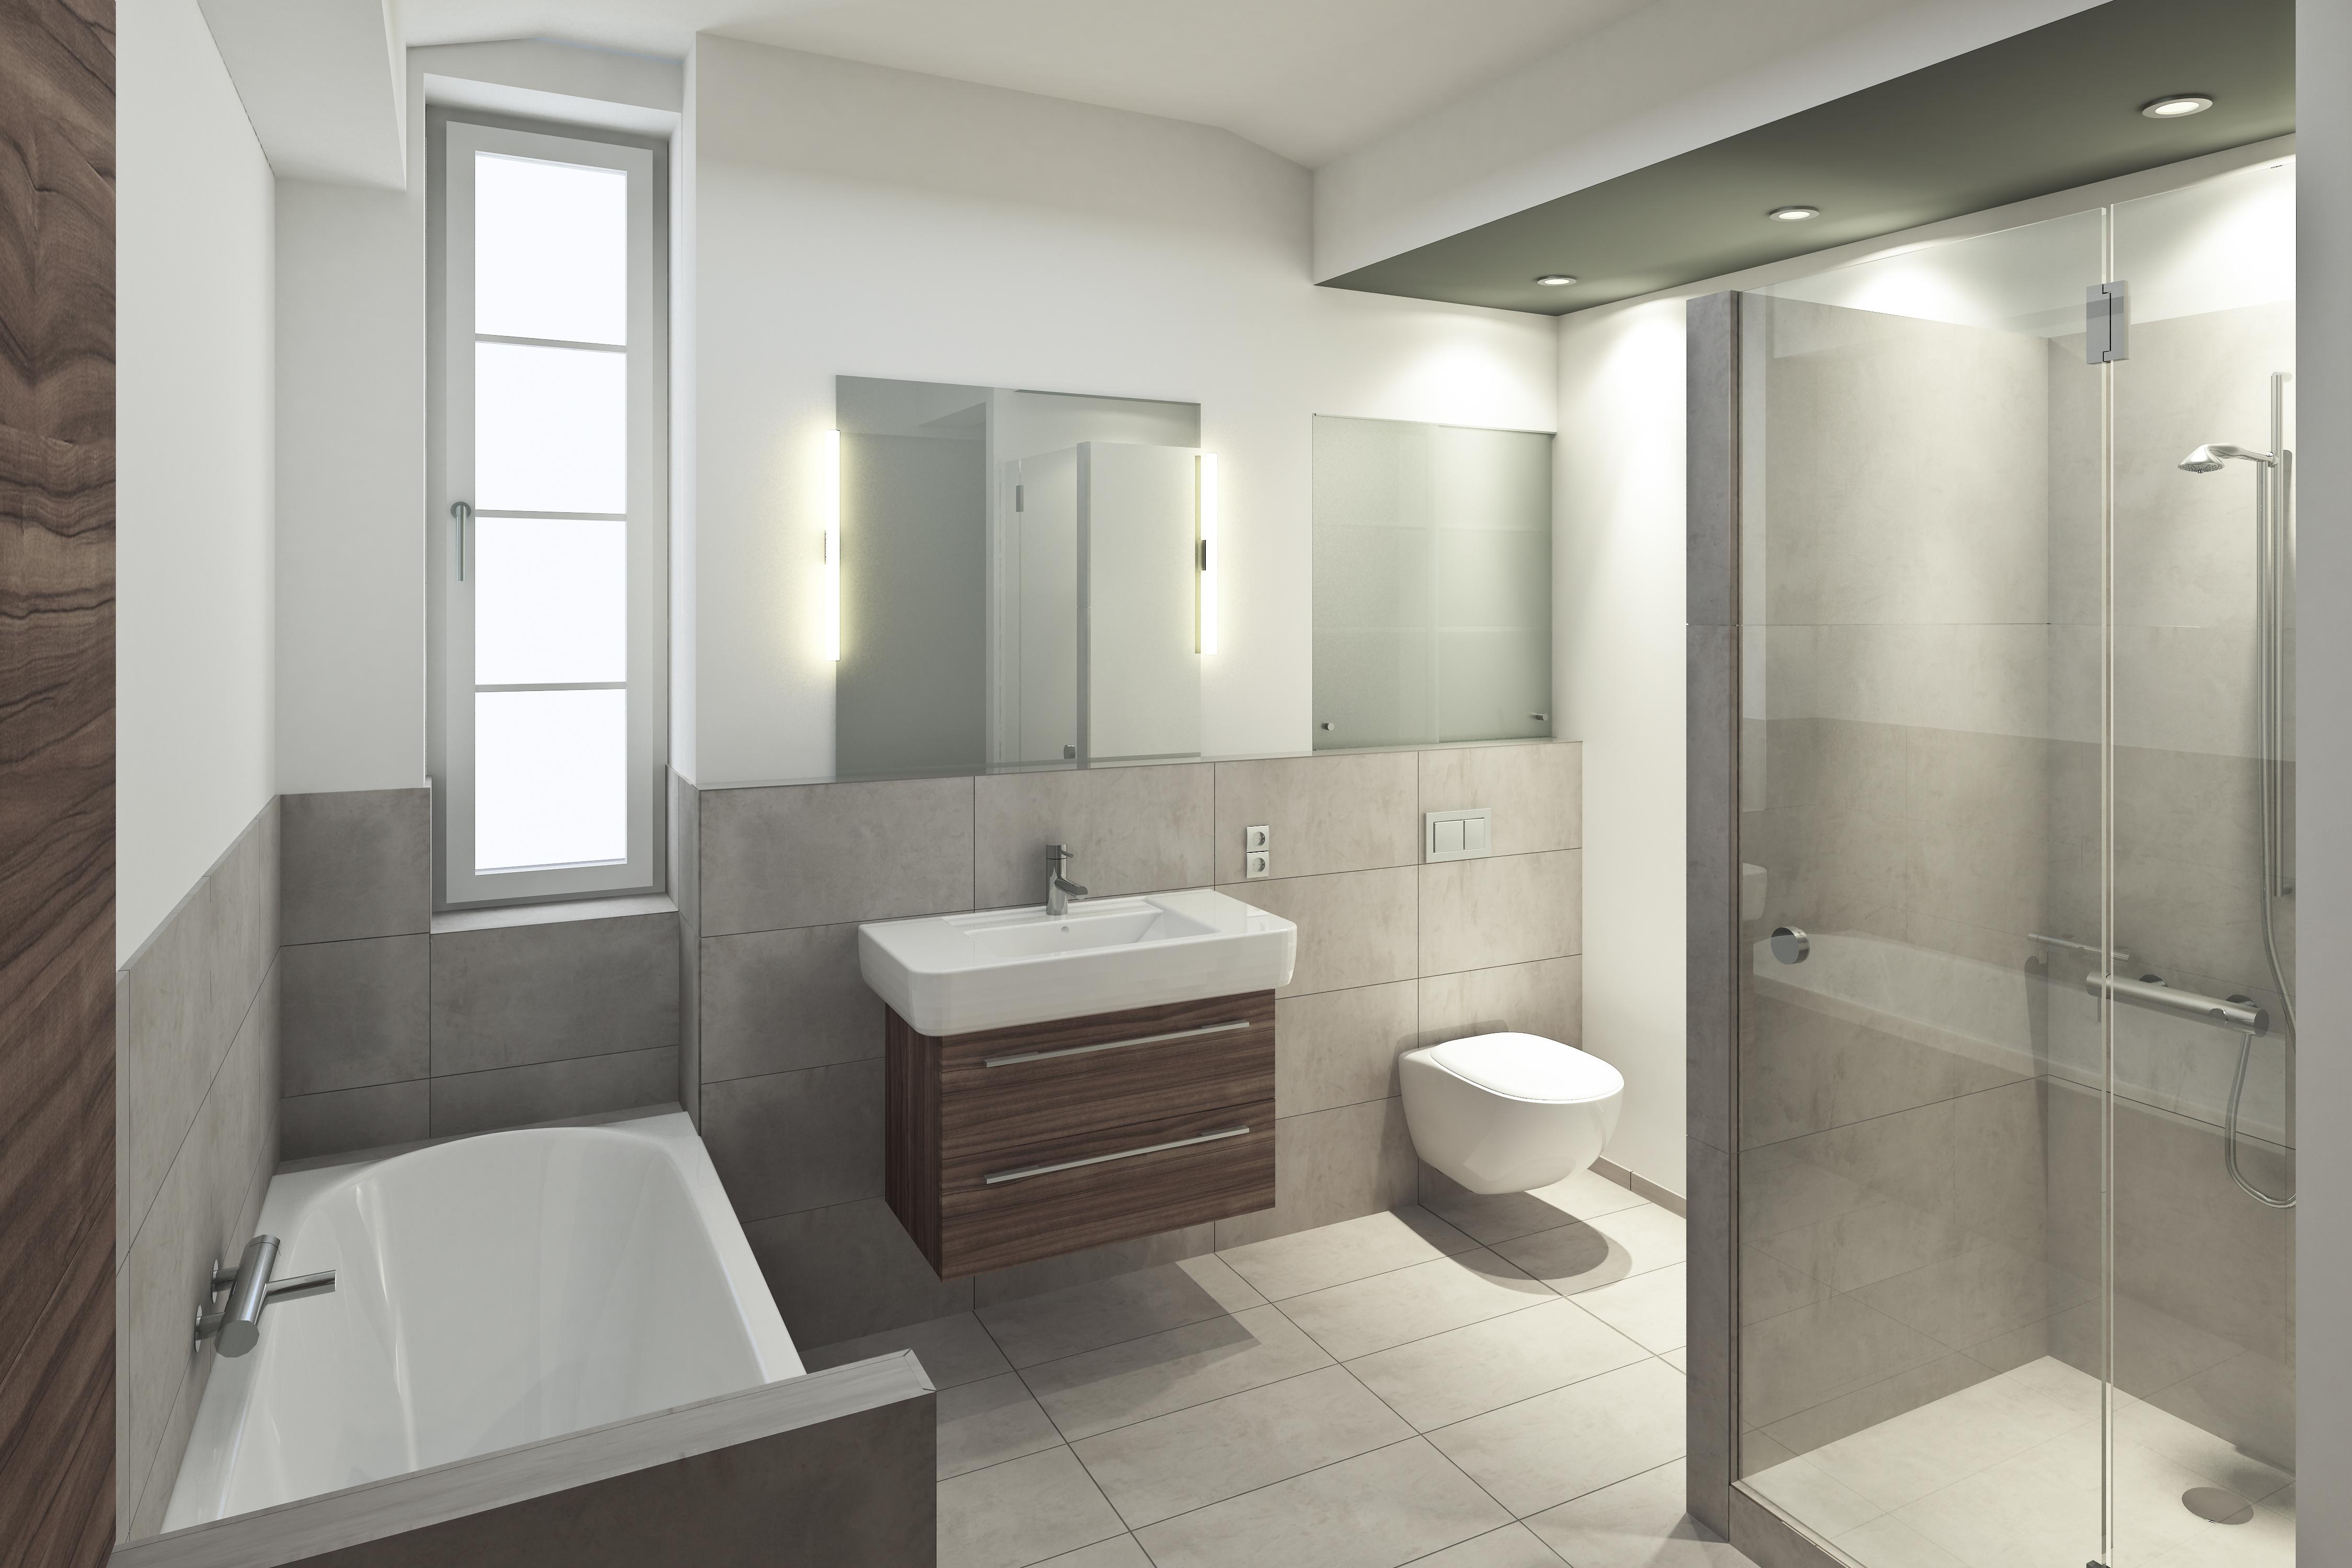 Moderne badezimmer  Moderne Badezimmer: Das sind die angesagten Trends - HEROLD.at